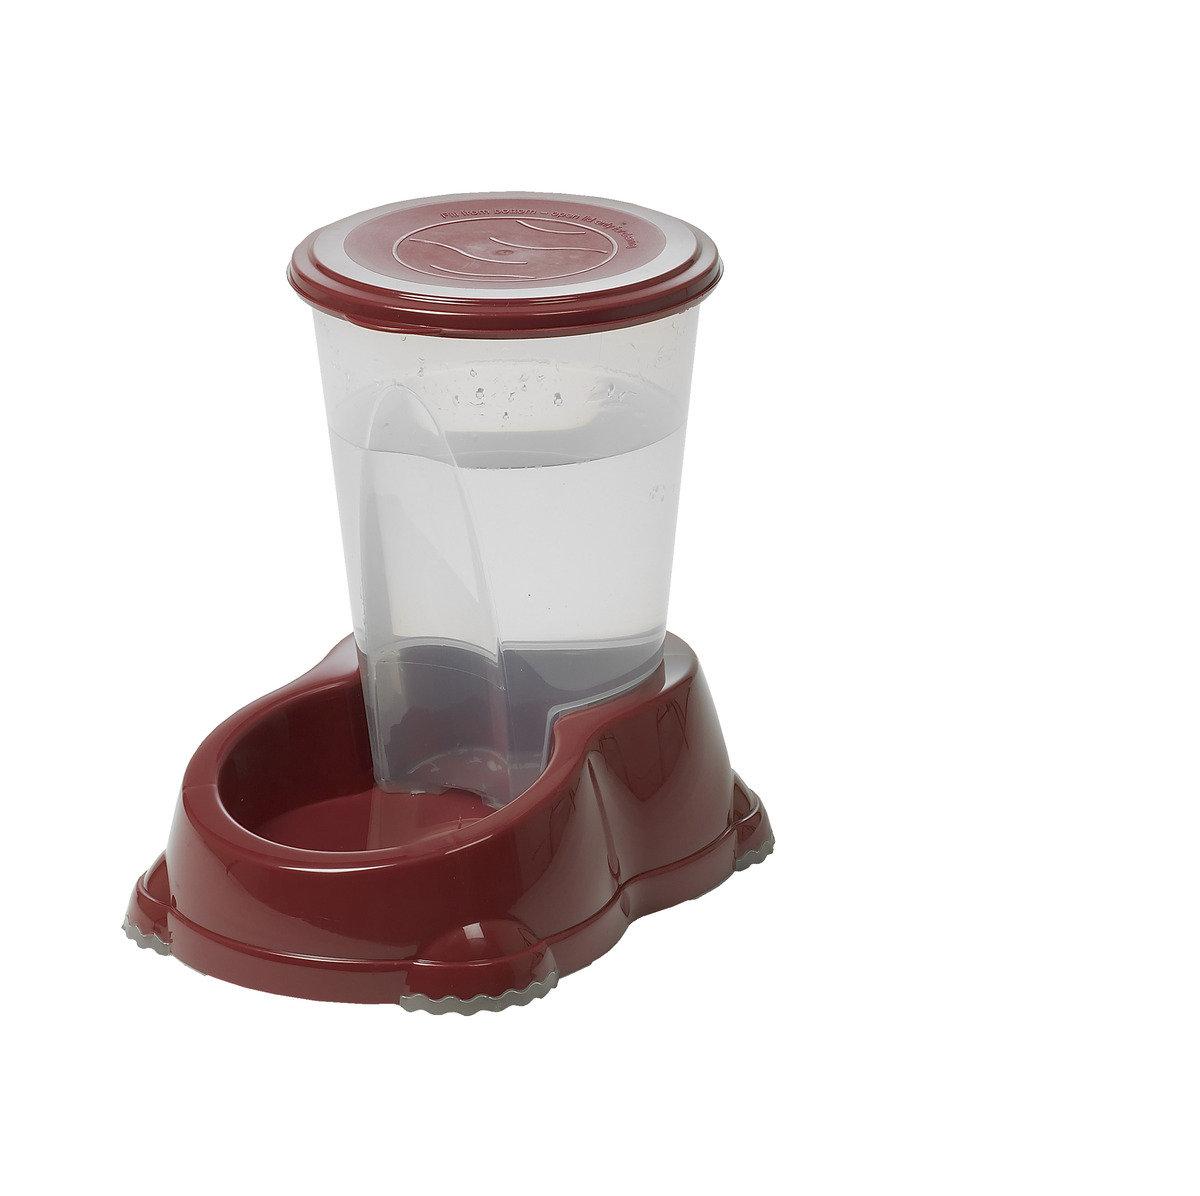 H140   座地飲水器  1.5L - 深紅色